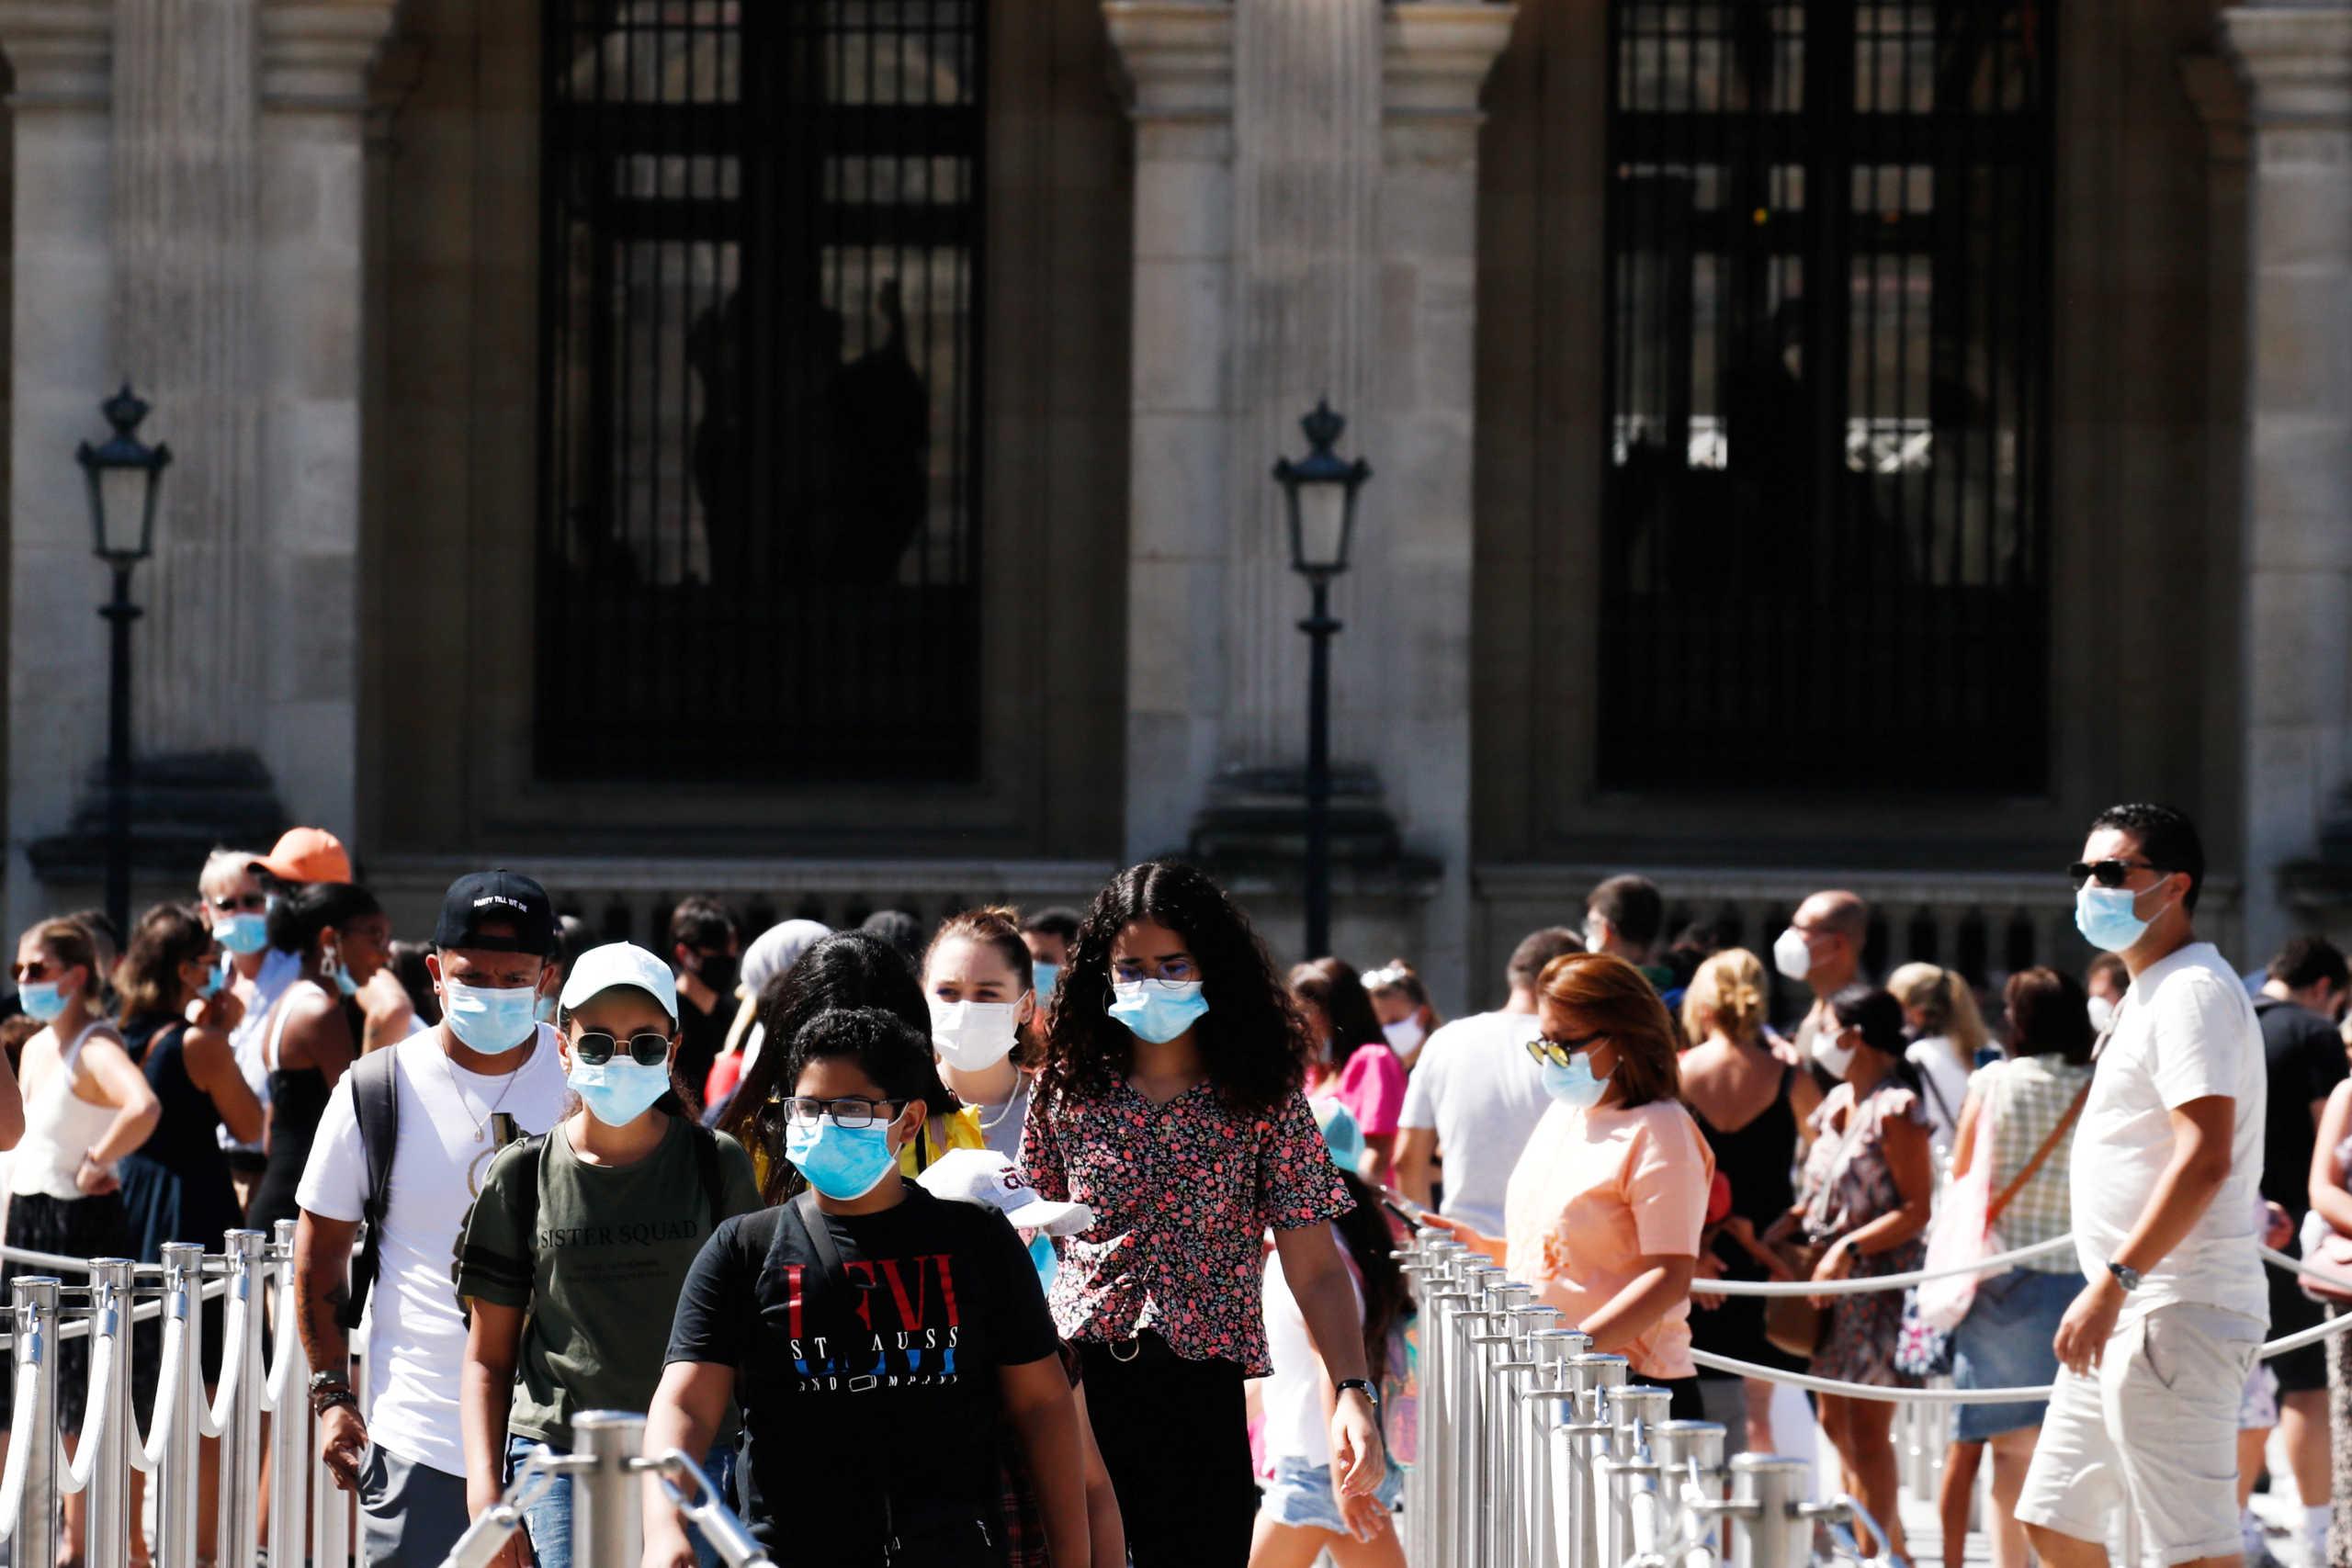 Γαλλία: Παρατείνεται μέχρι 30 Οκτωβρίου η απαγόρευση εκδηλώσεων άνω των 5.000 ανθρώπων